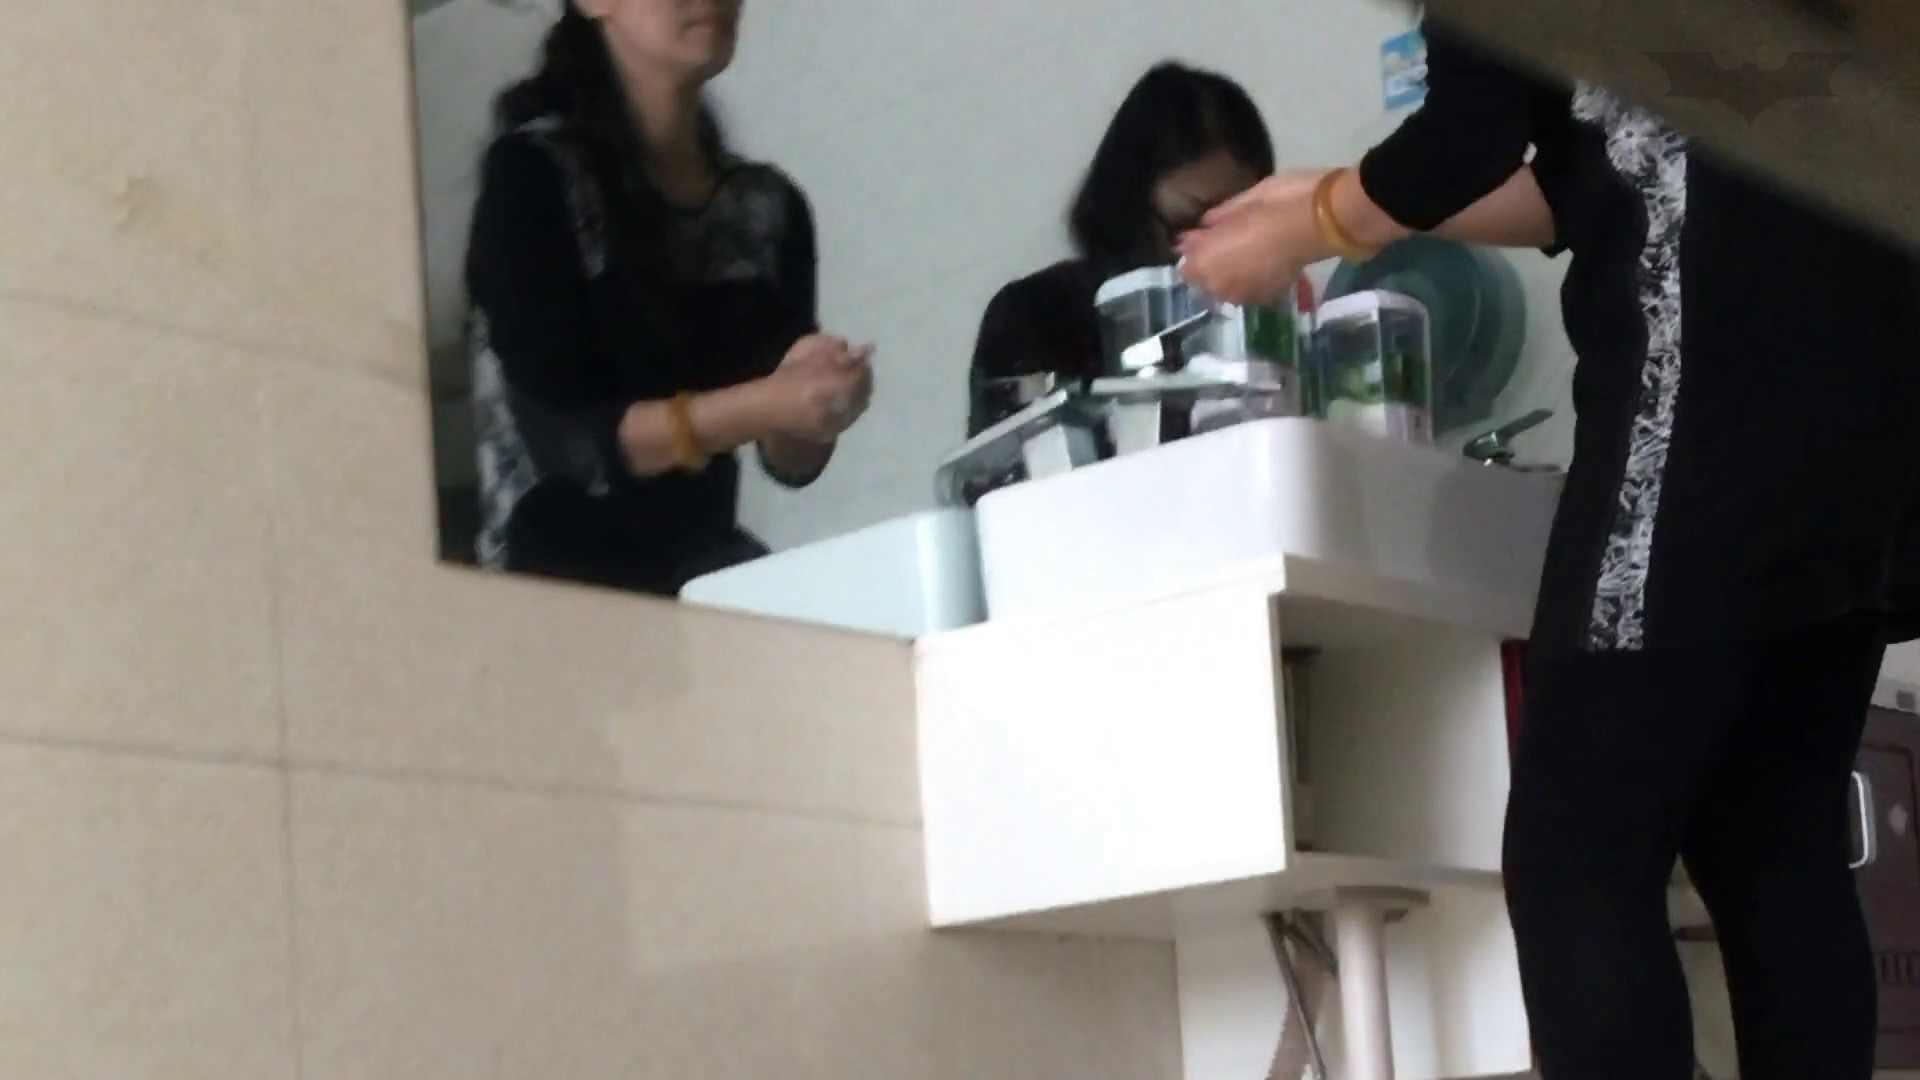 芸術大学ガチ潜入盗撮 JD盗撮 美女の洗面所の秘密 Vol.112 美女のボディ セックス画像 92PIX 40